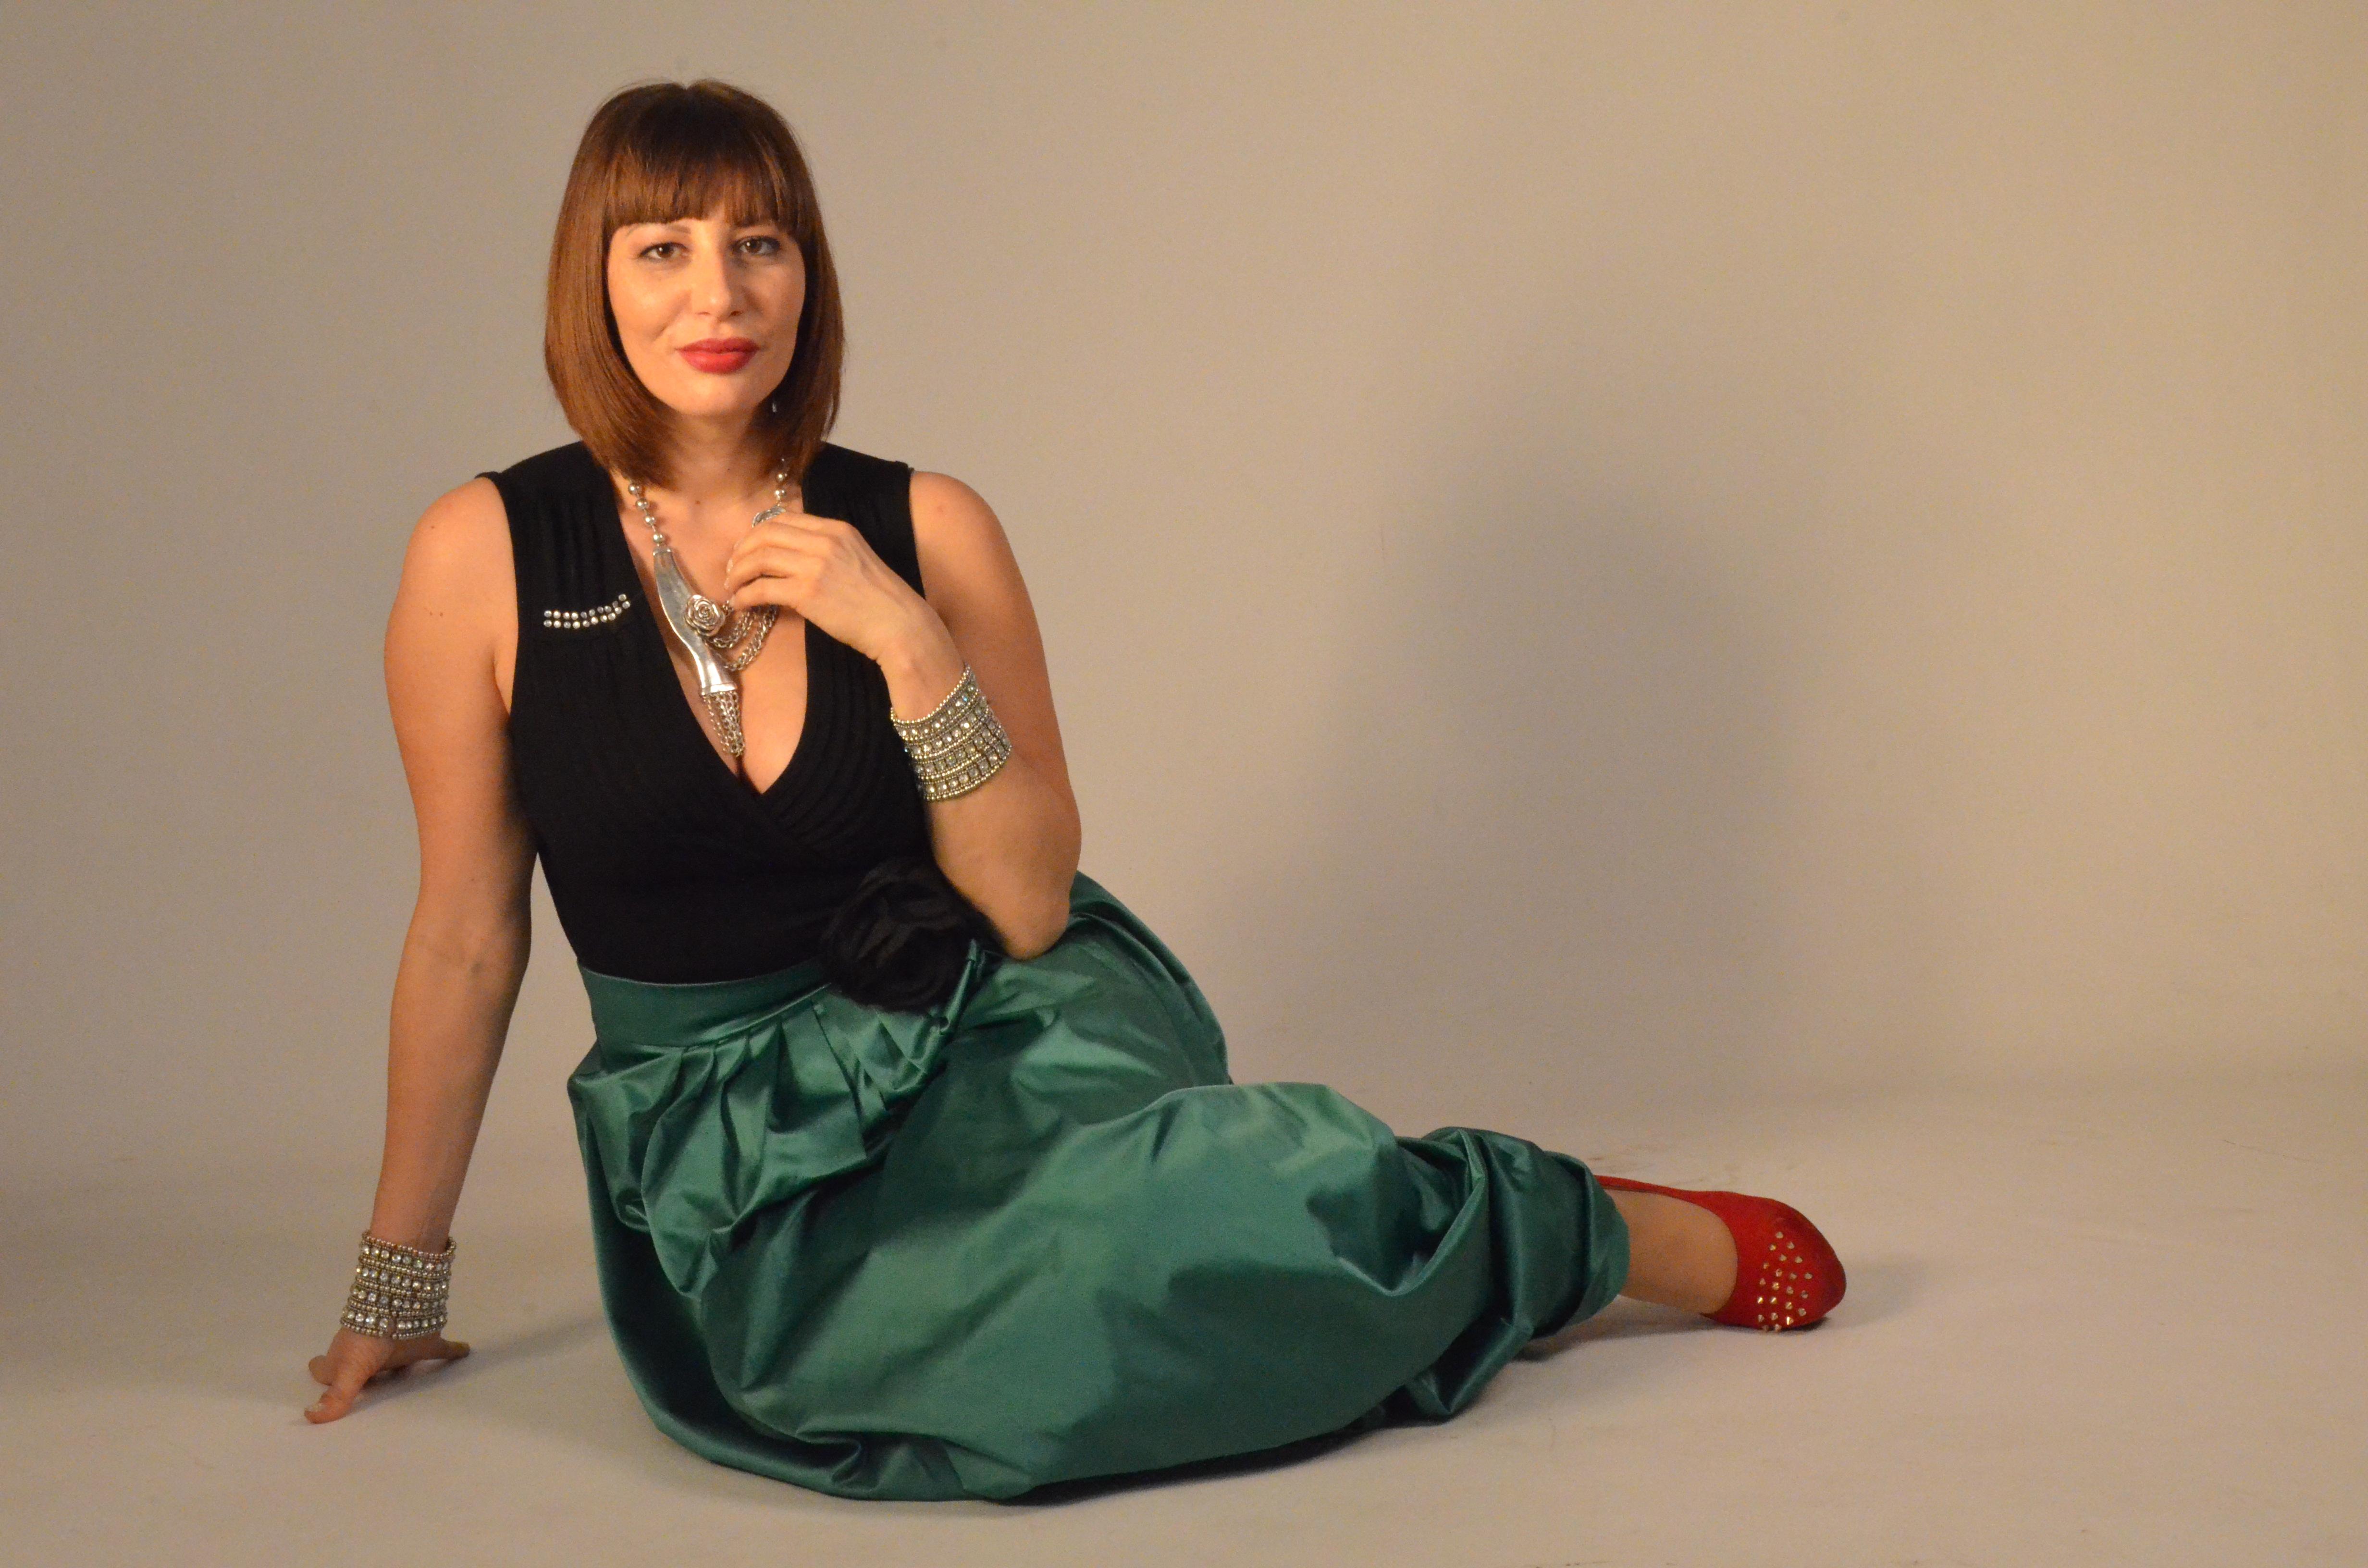 Barbara Bet Un Sogno Condurre Programmi Tv Sulla Salute E Sul Benessere Rivista Donna